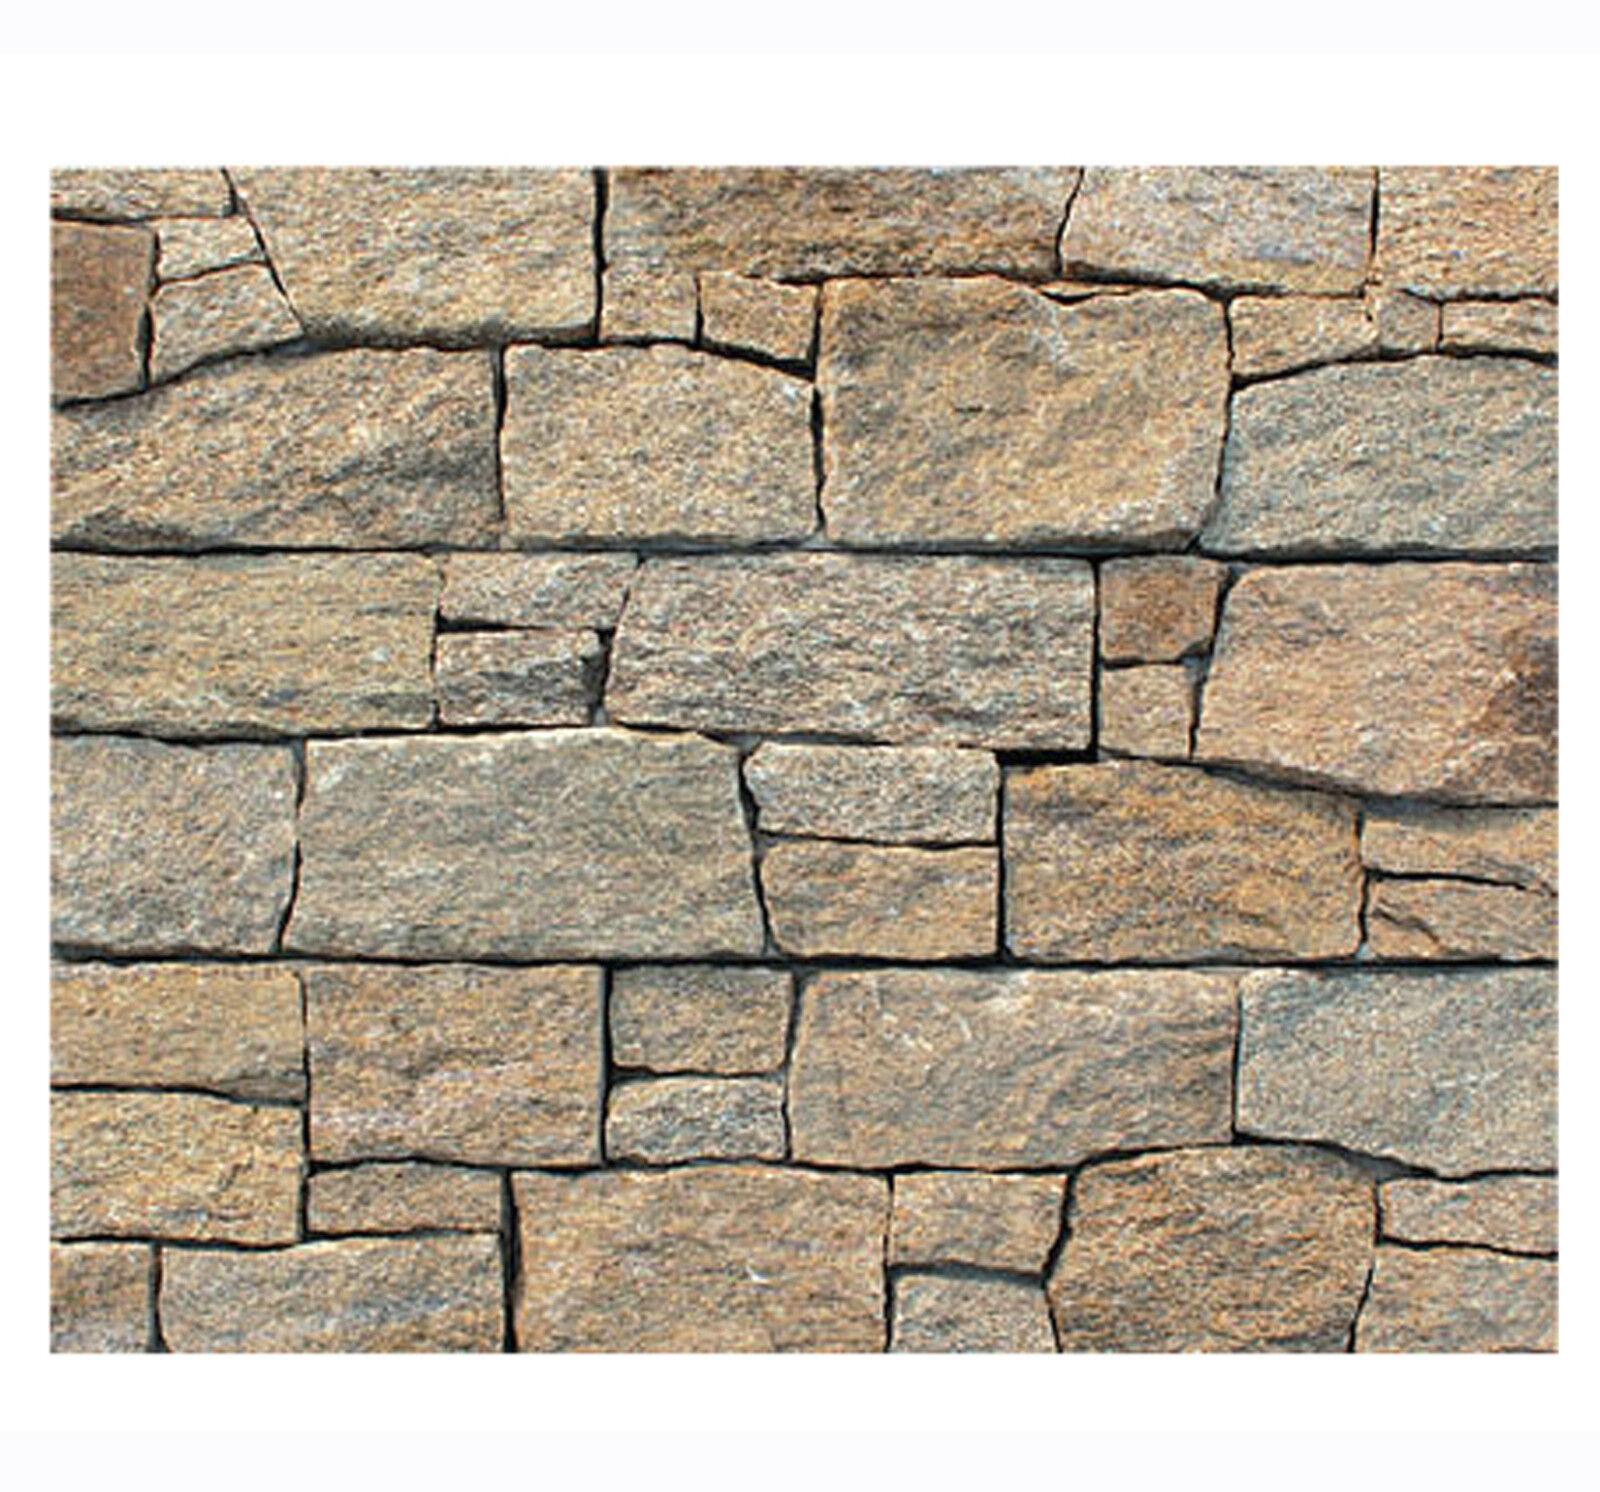 1 qm Granit W-003 Naturstein-Klinker Verblender Paneele Fliesen Lager NRW Herne